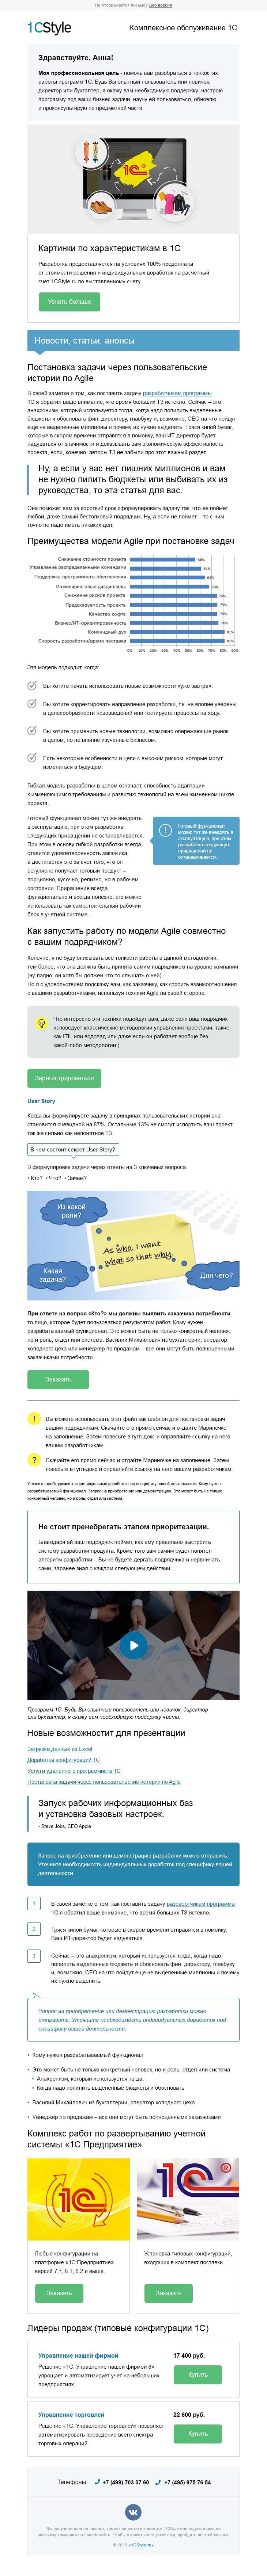 Услуги B2B Контентное письмо по работе с продуктами 1С